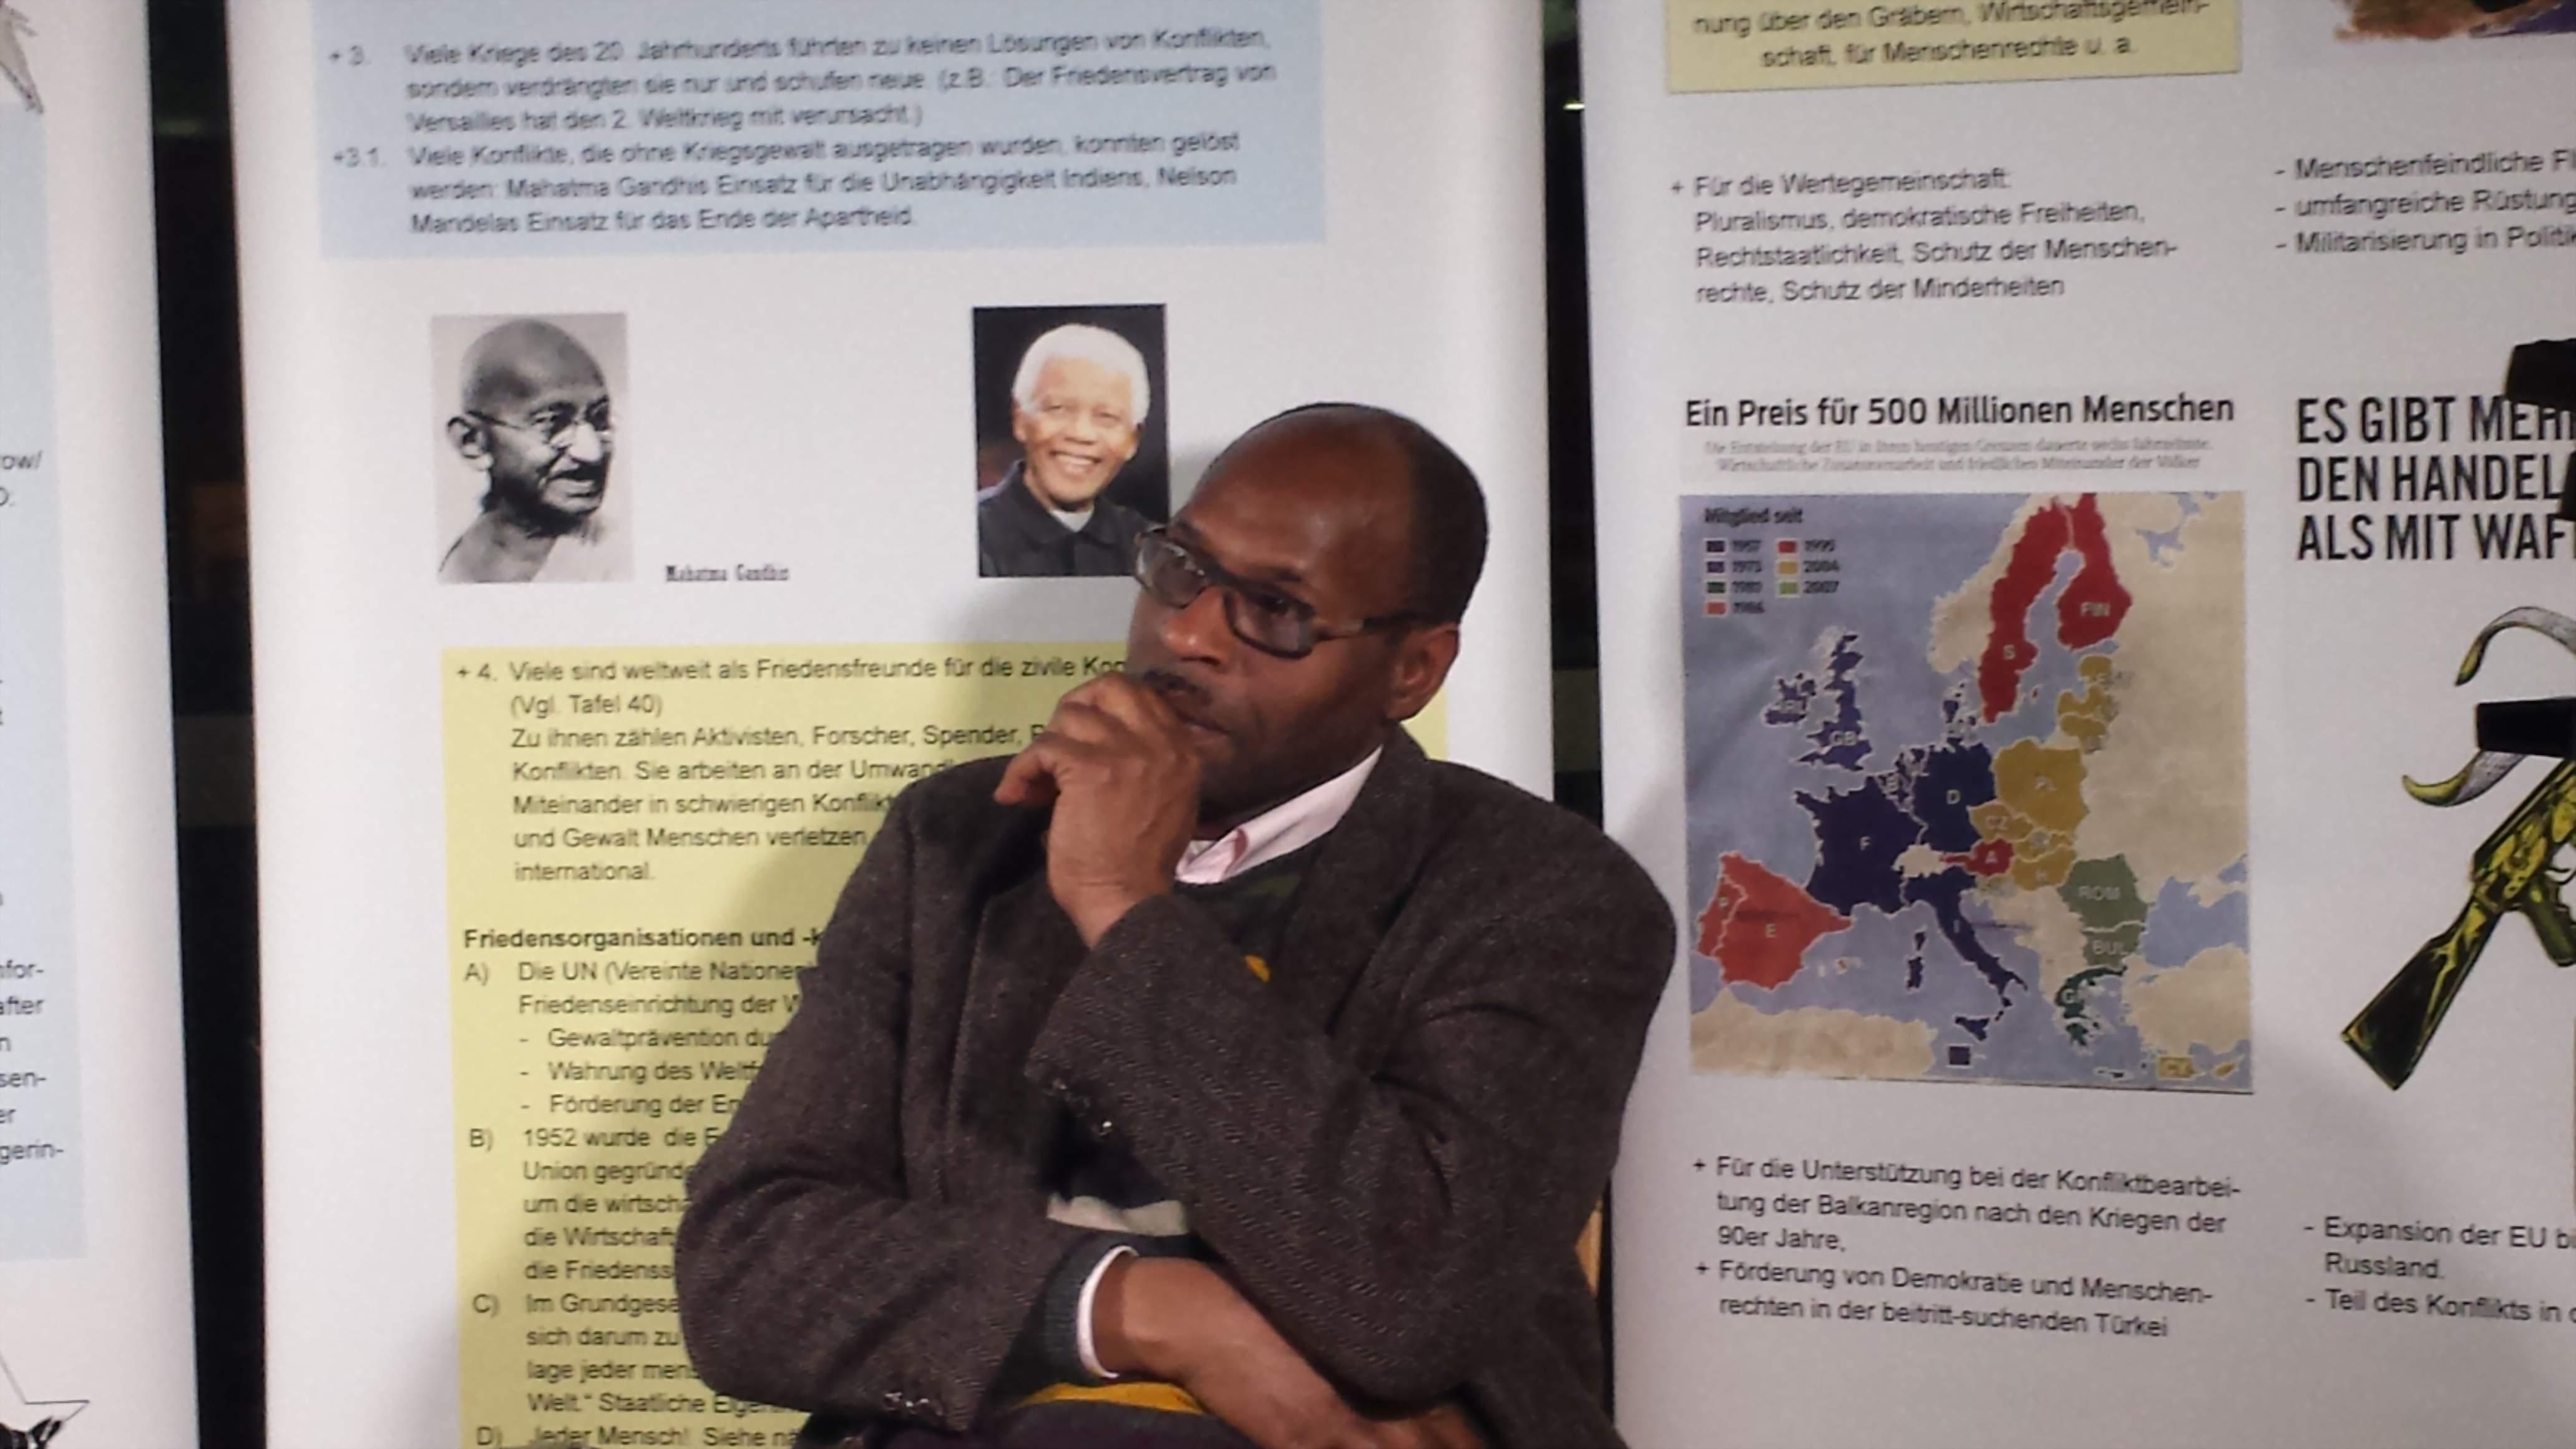 Der Journalist und Menschenrechtsaktivist Peter Donatus. Fotos: C.-D. Stille